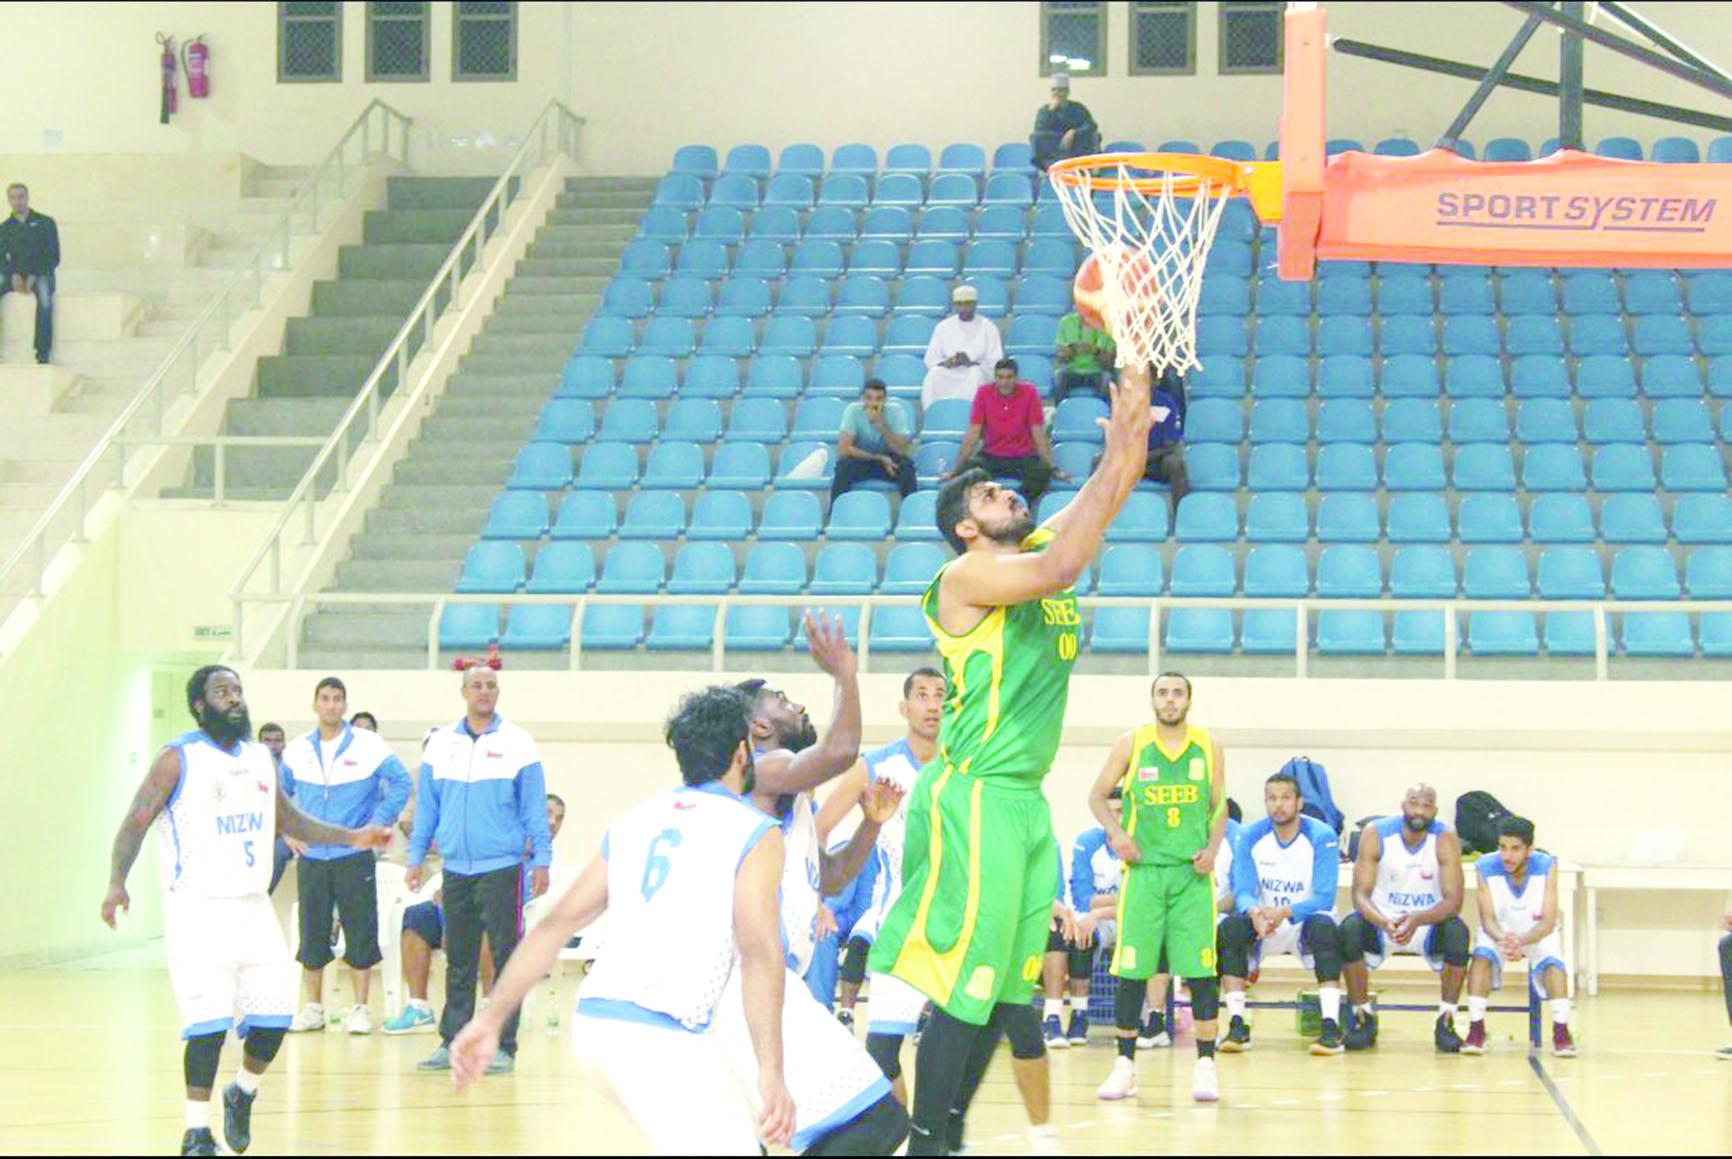 ثلاث مباريات في الأسبوع الثالث              من دوري عام السلطنة لكرة السلة